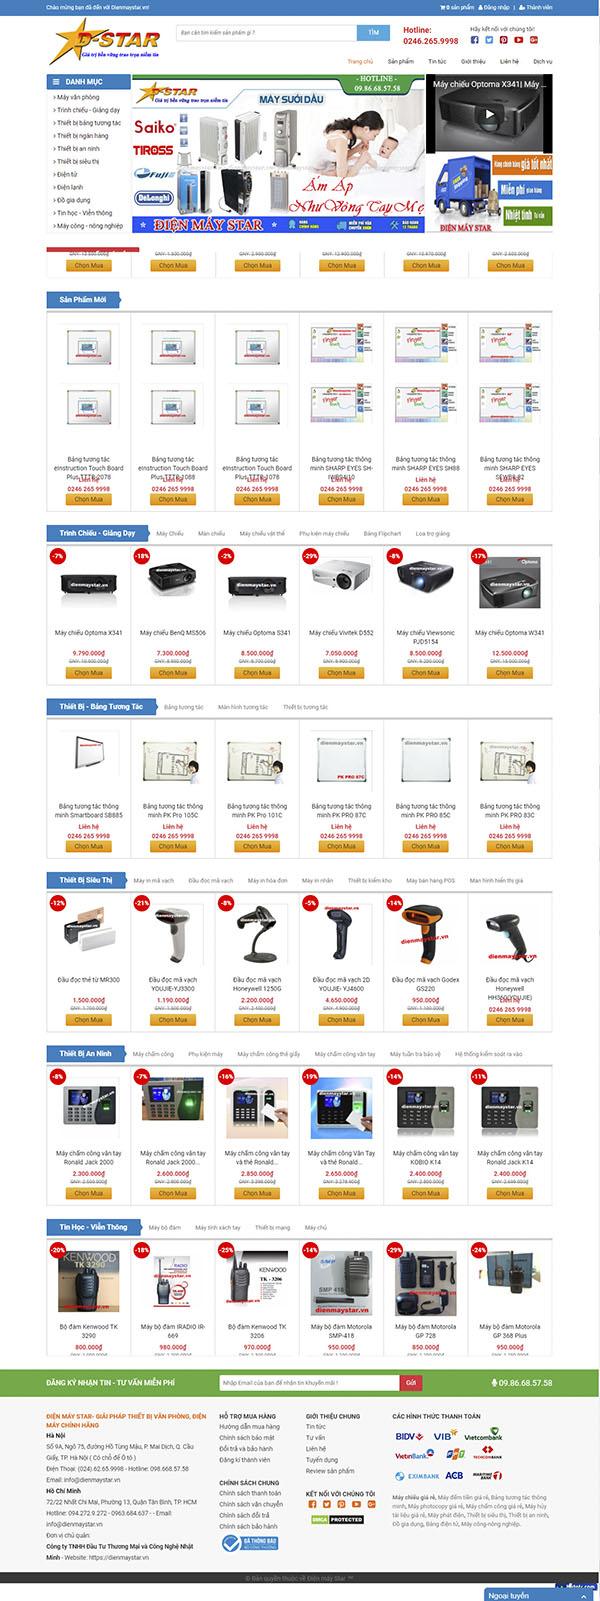 Thiết kế Mẫu website siêu thị điện máy DM01